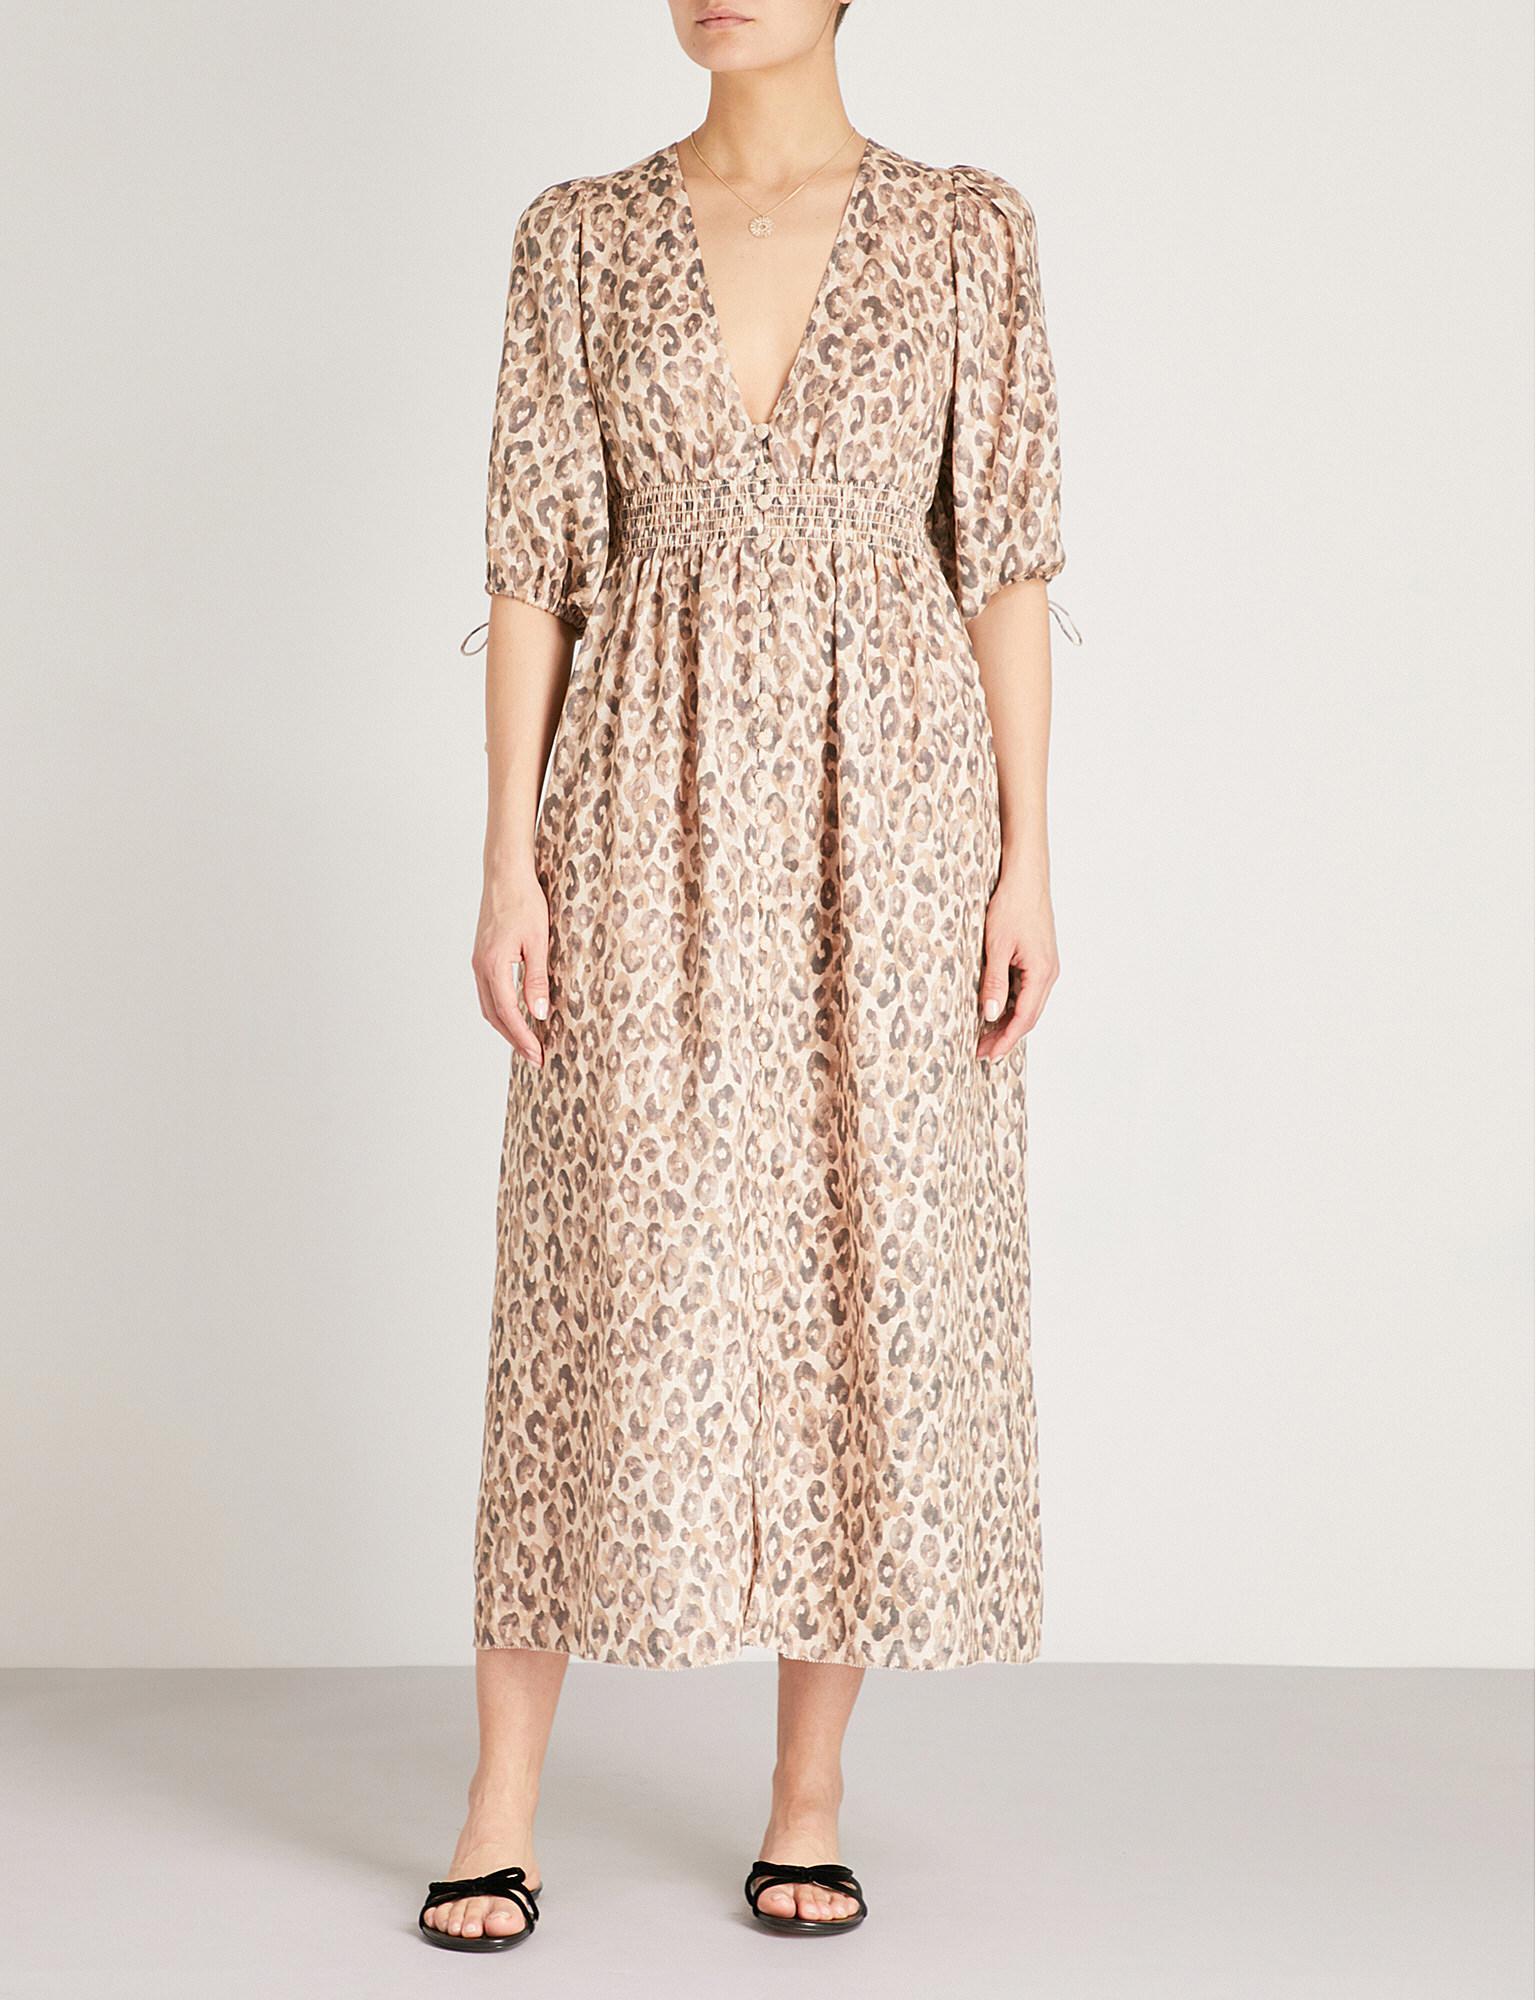 cbbcc64d8b Zimmermann Melody Leopard-print Linen Dress - Lyst